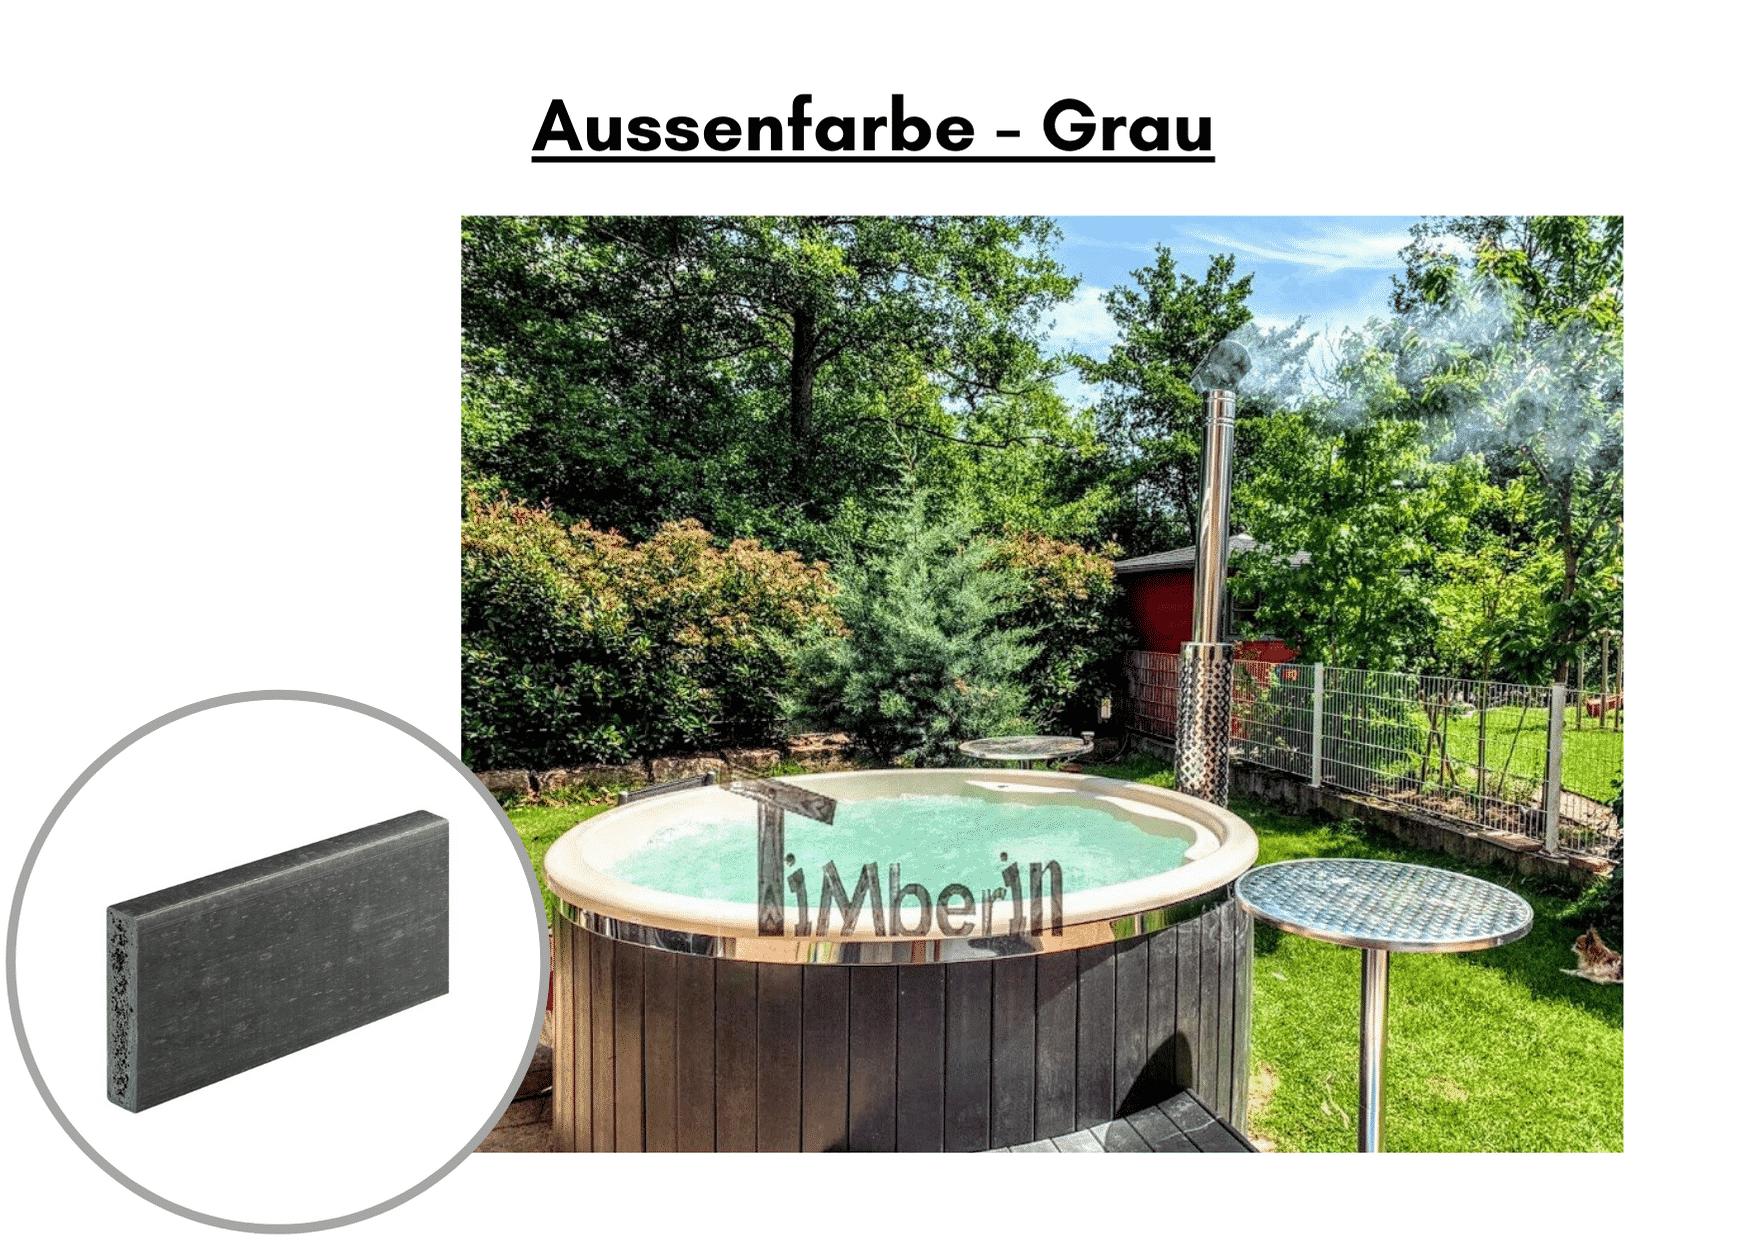 Außenfarbe grau für Whirlpool im Freien mit Smart Pelletofen